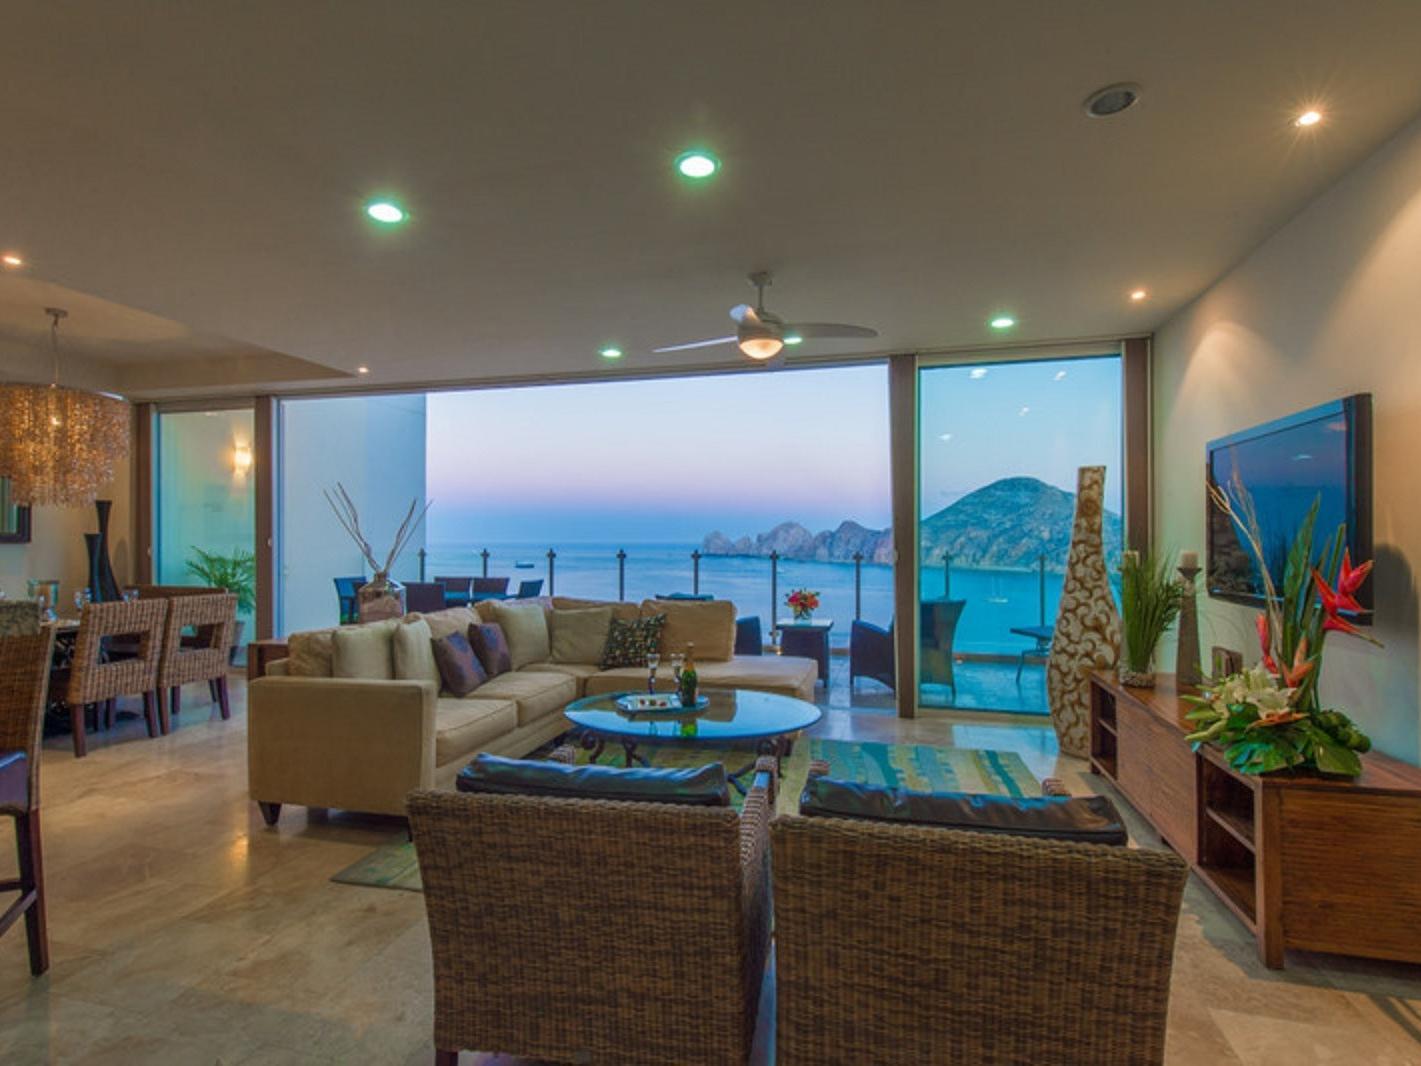 open balcony doors and living room